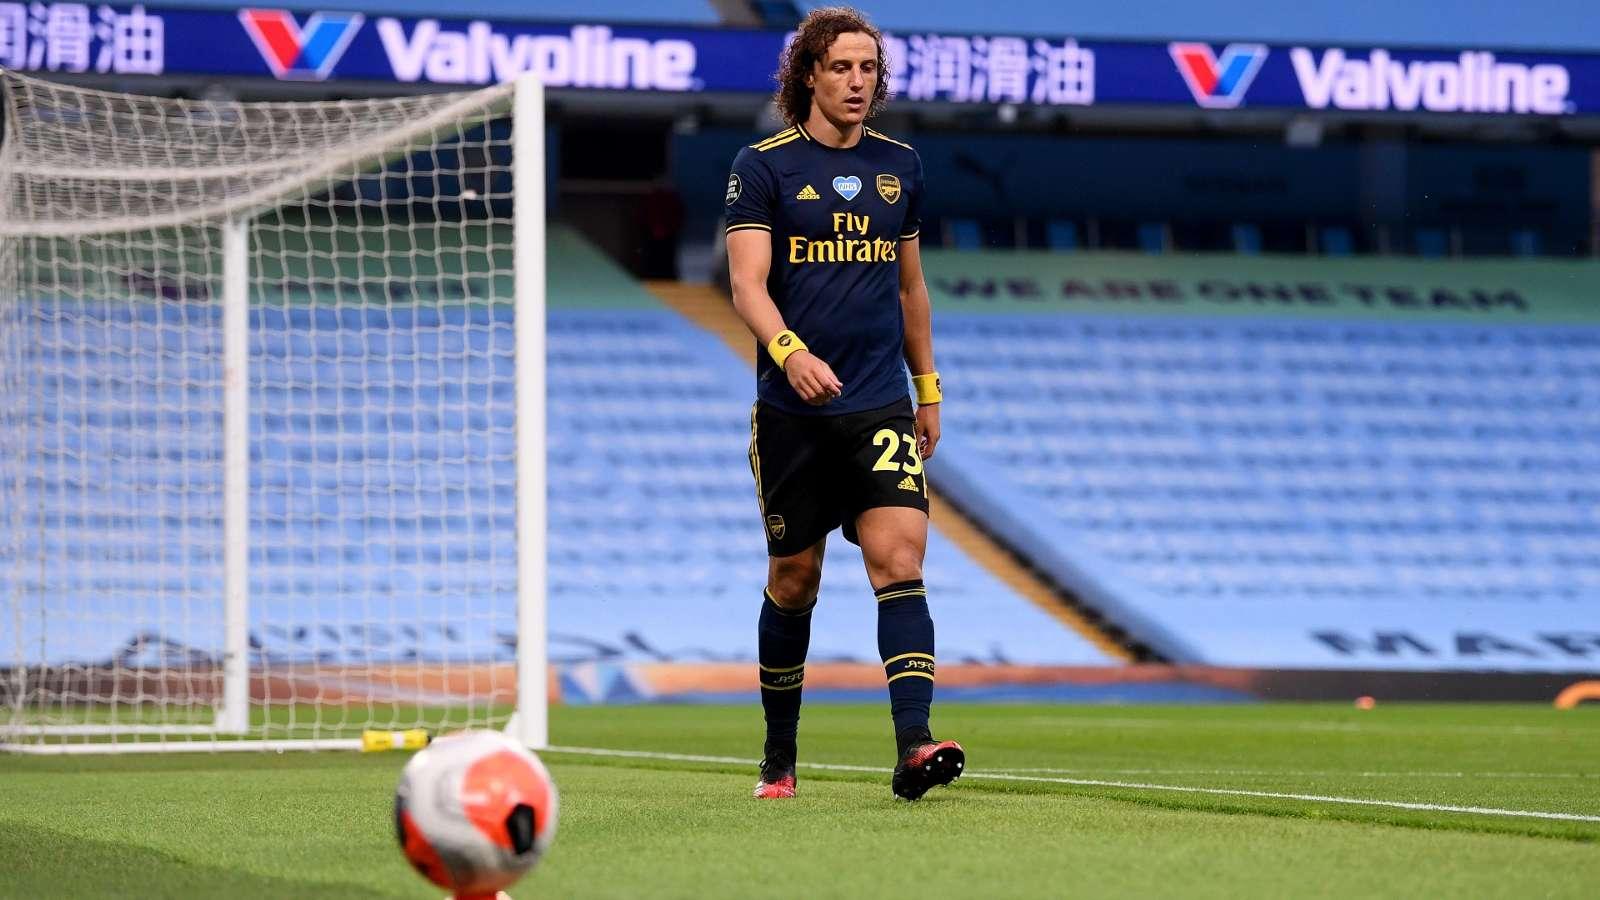 David Luiz Arsenal 2020